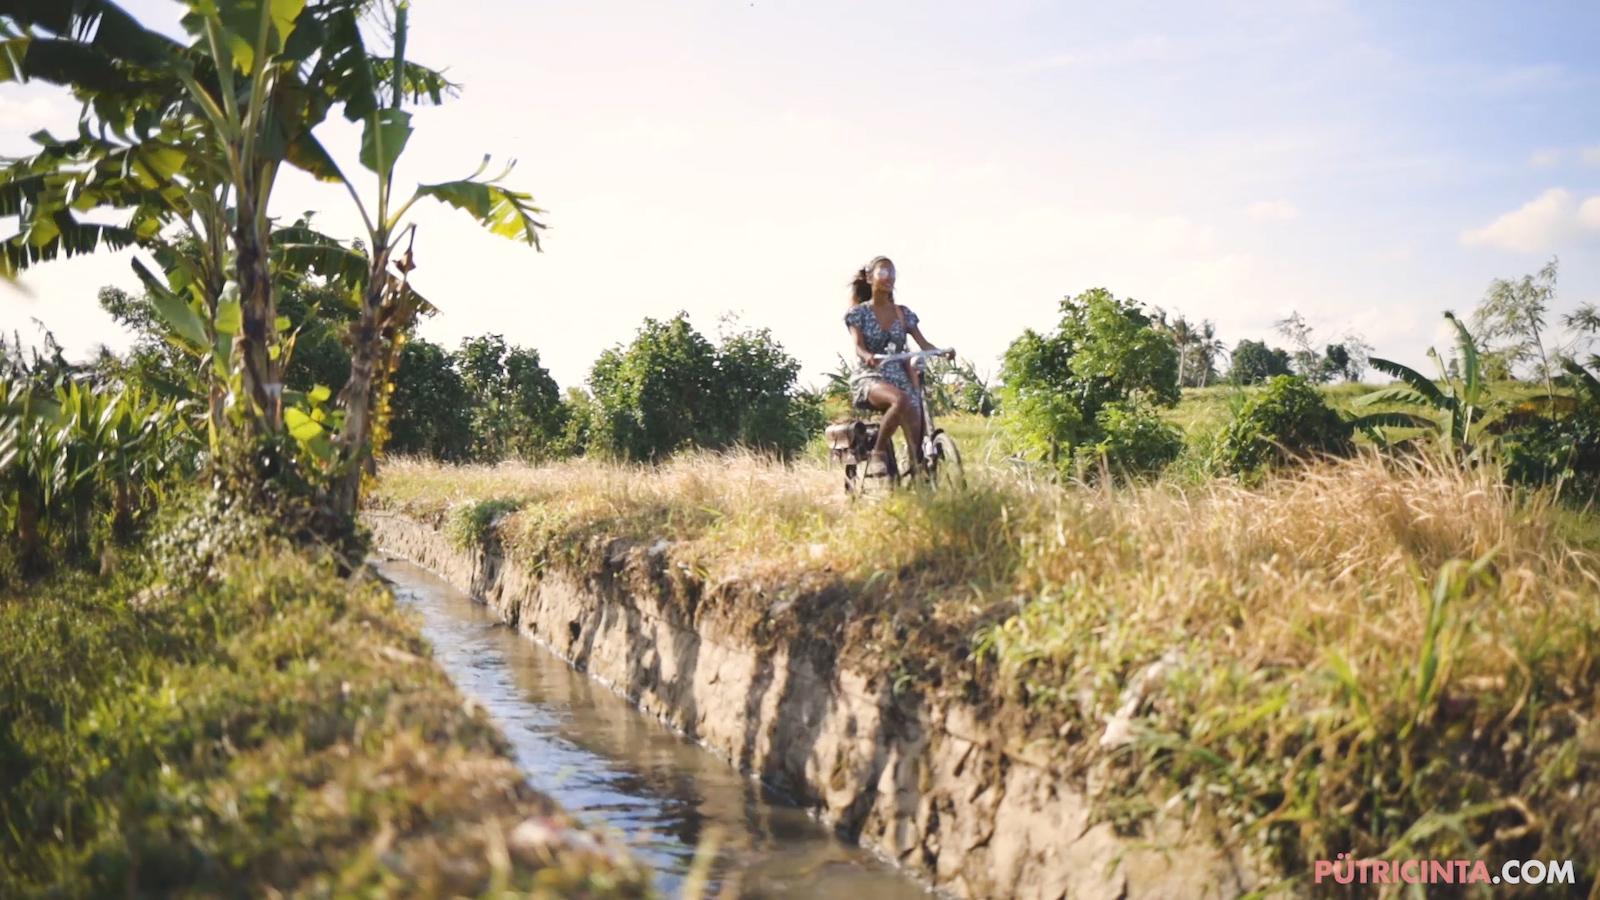 024-cyclingcommando-Putri-Cinta-Mainvid-stills-10.jpg